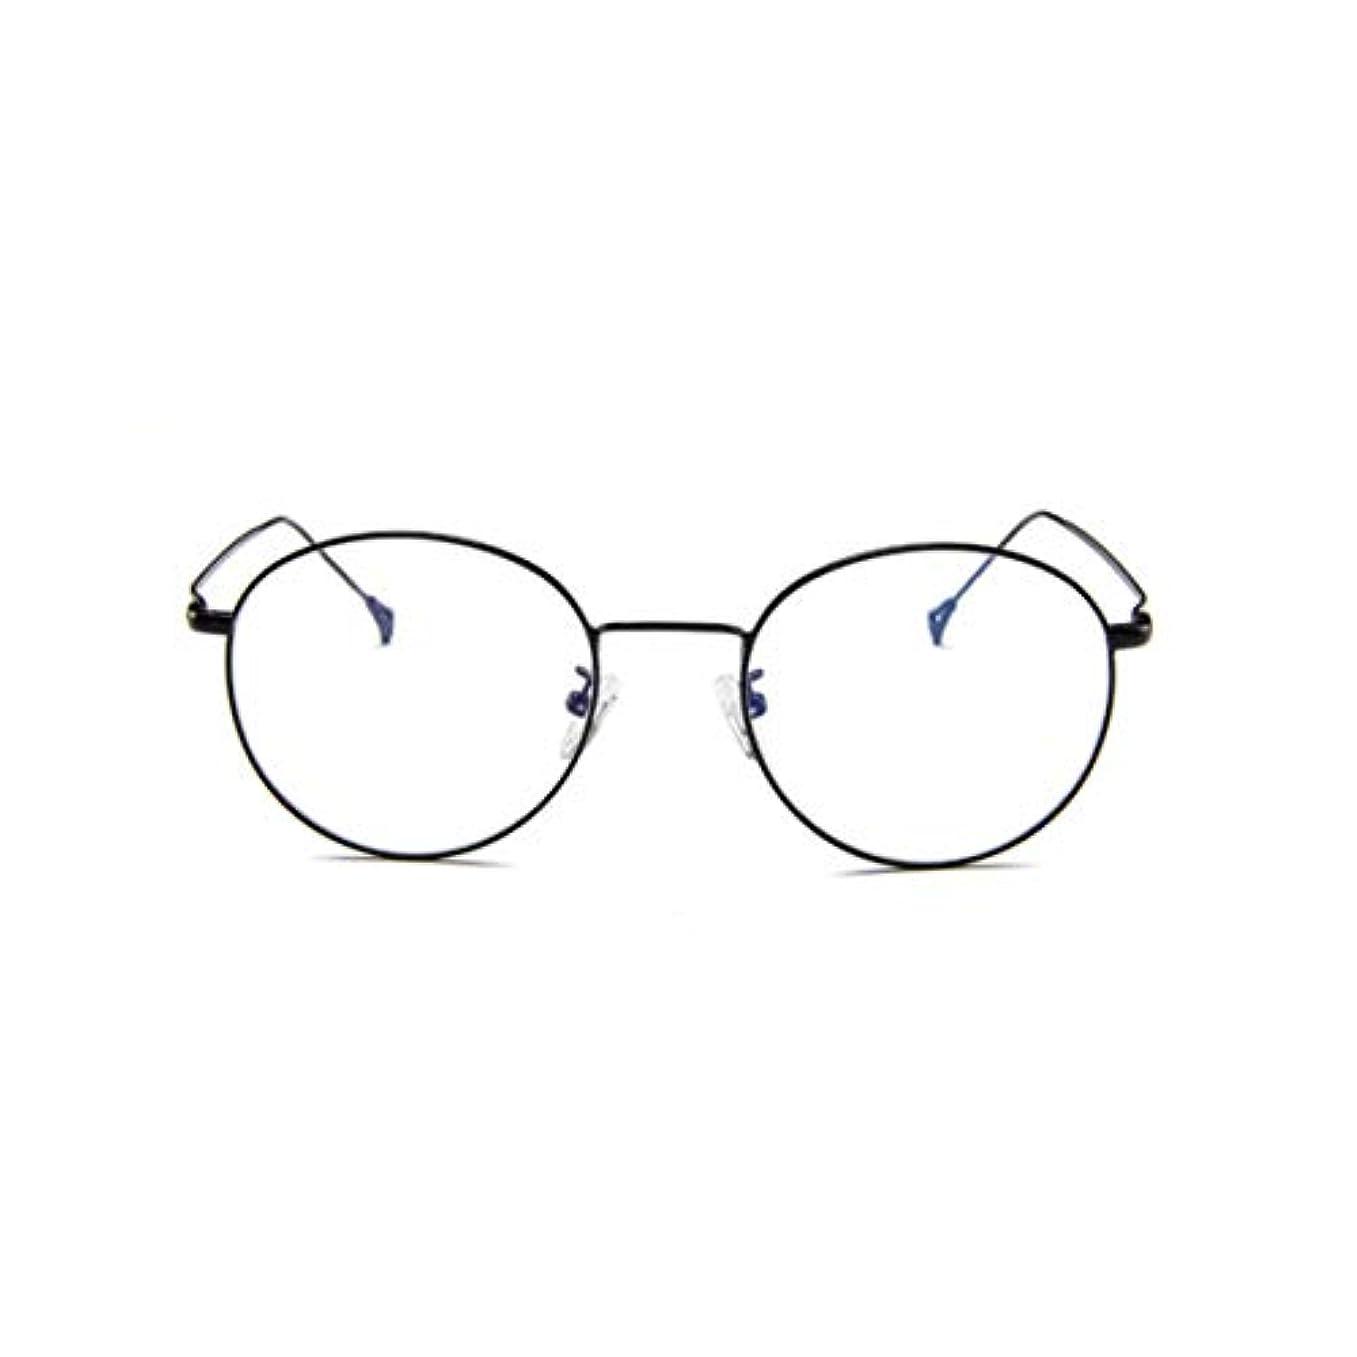 免疫推進、動かすリーフレット韓国のメガネフレームの男性と女性のレトロフラットメガネメタルトレンディメガネファッション近視メガネフレーム-ブラック